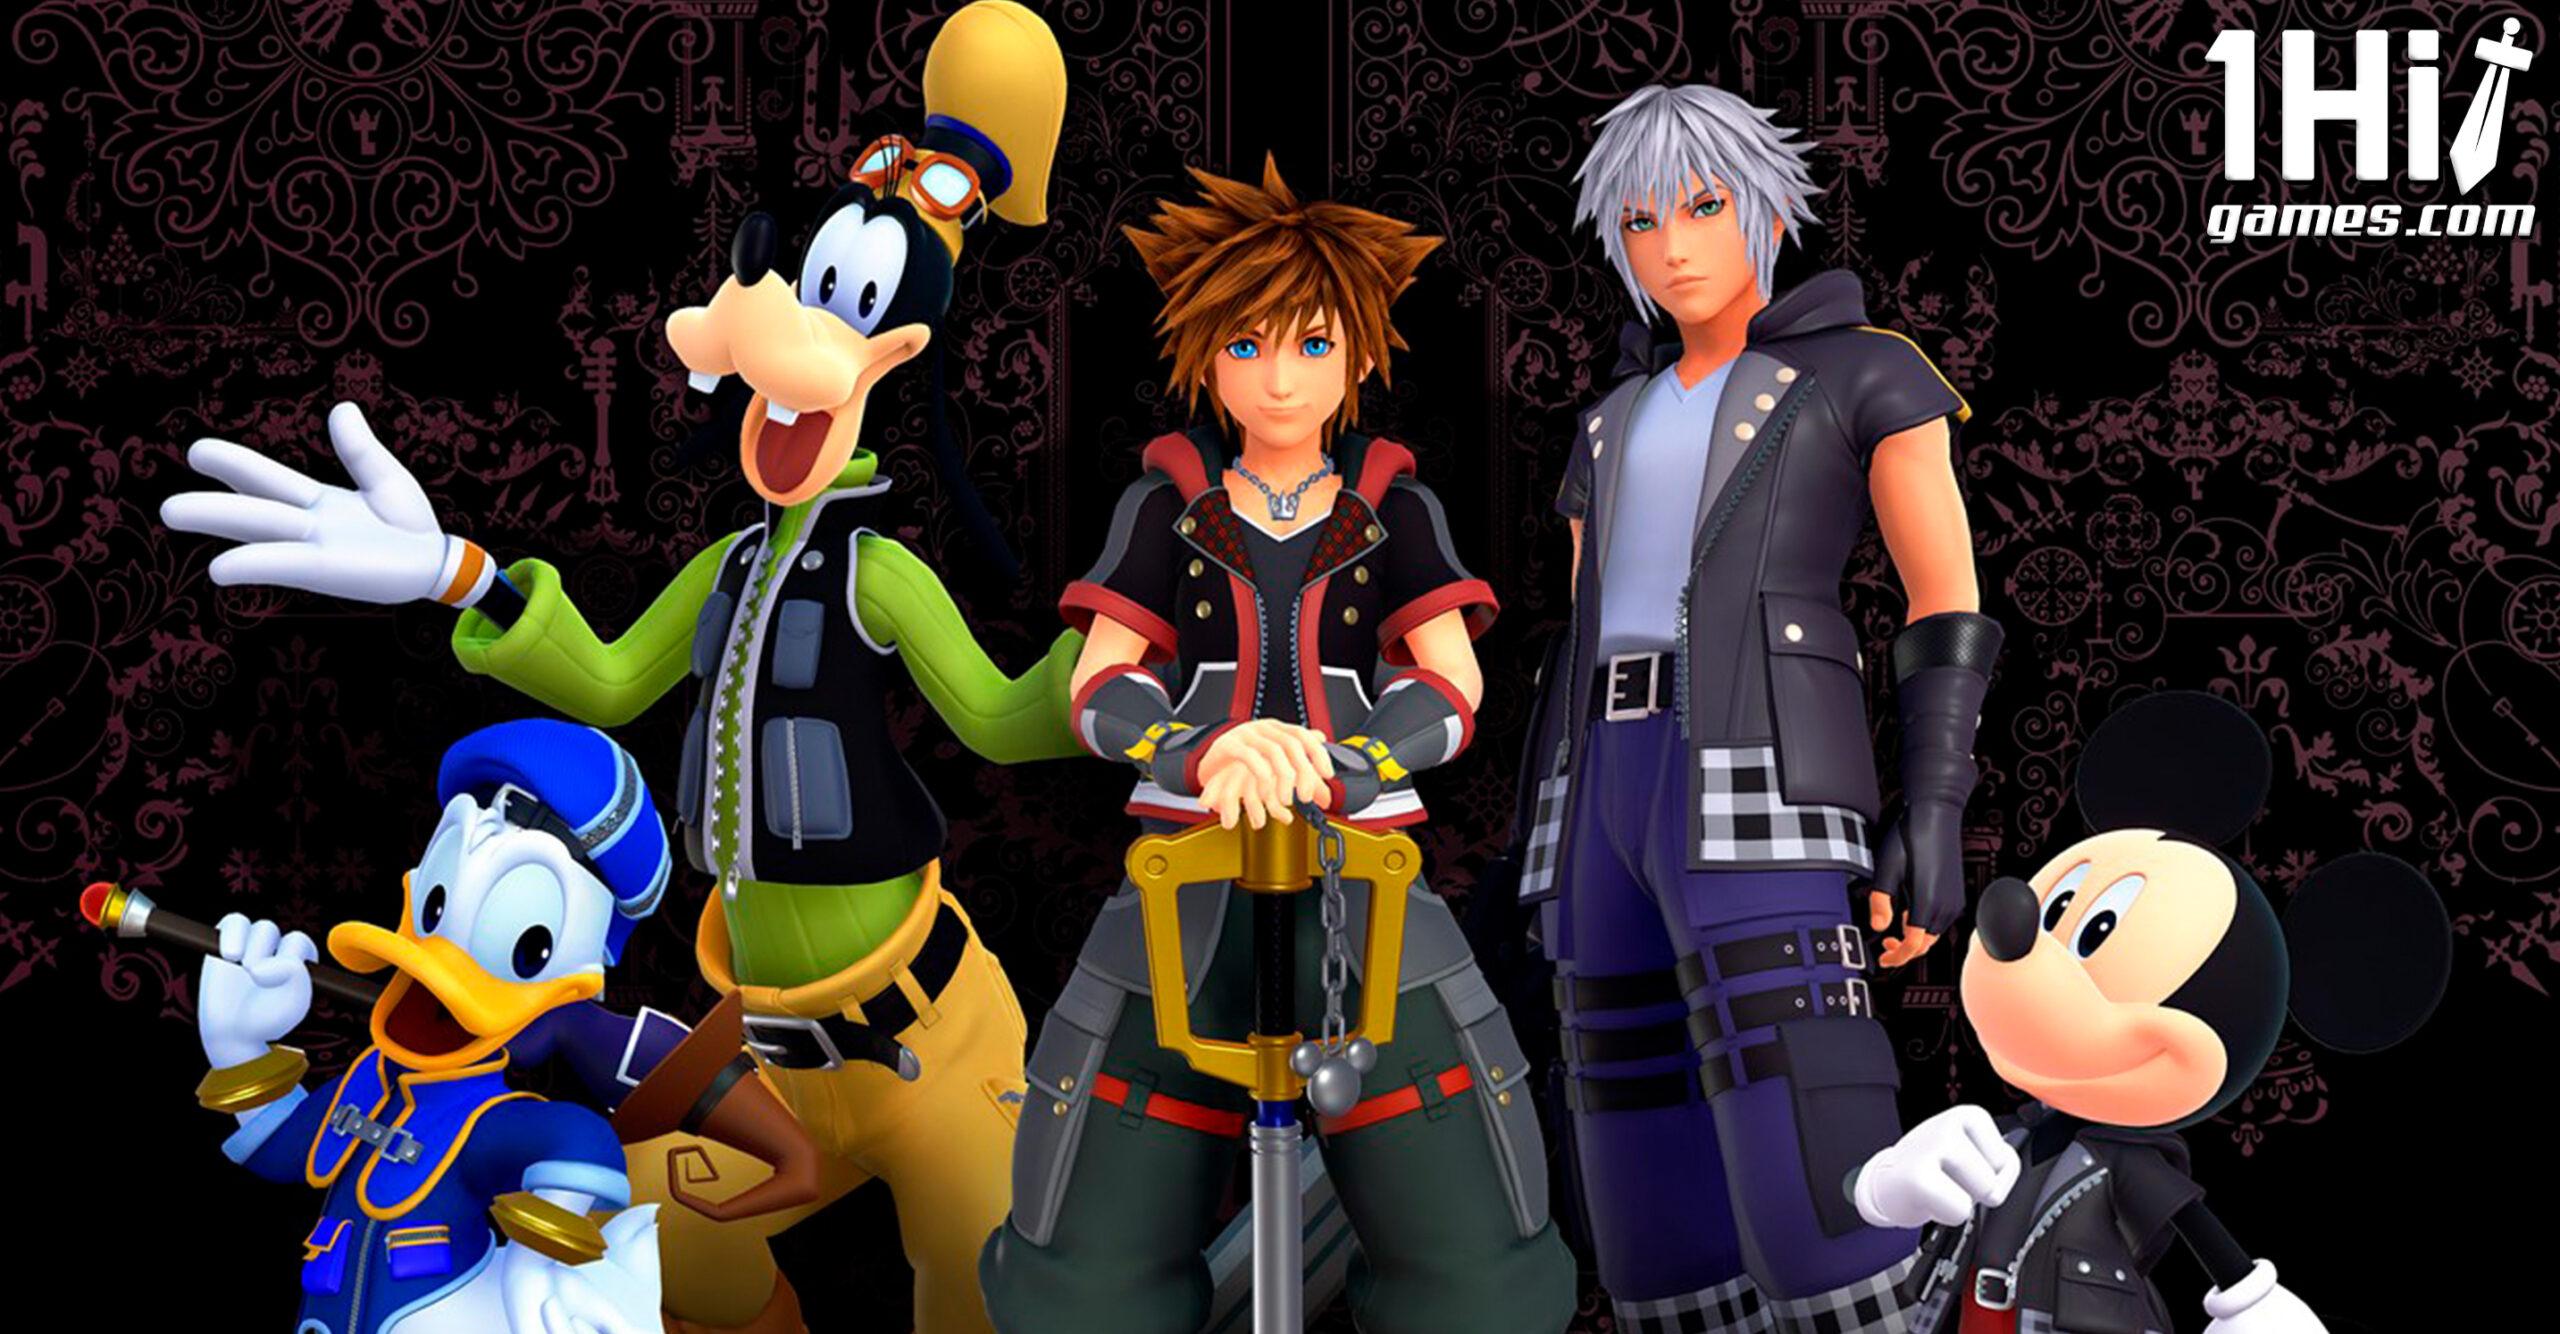 Franquia Kingdom Hearts chegará ao PC em breve